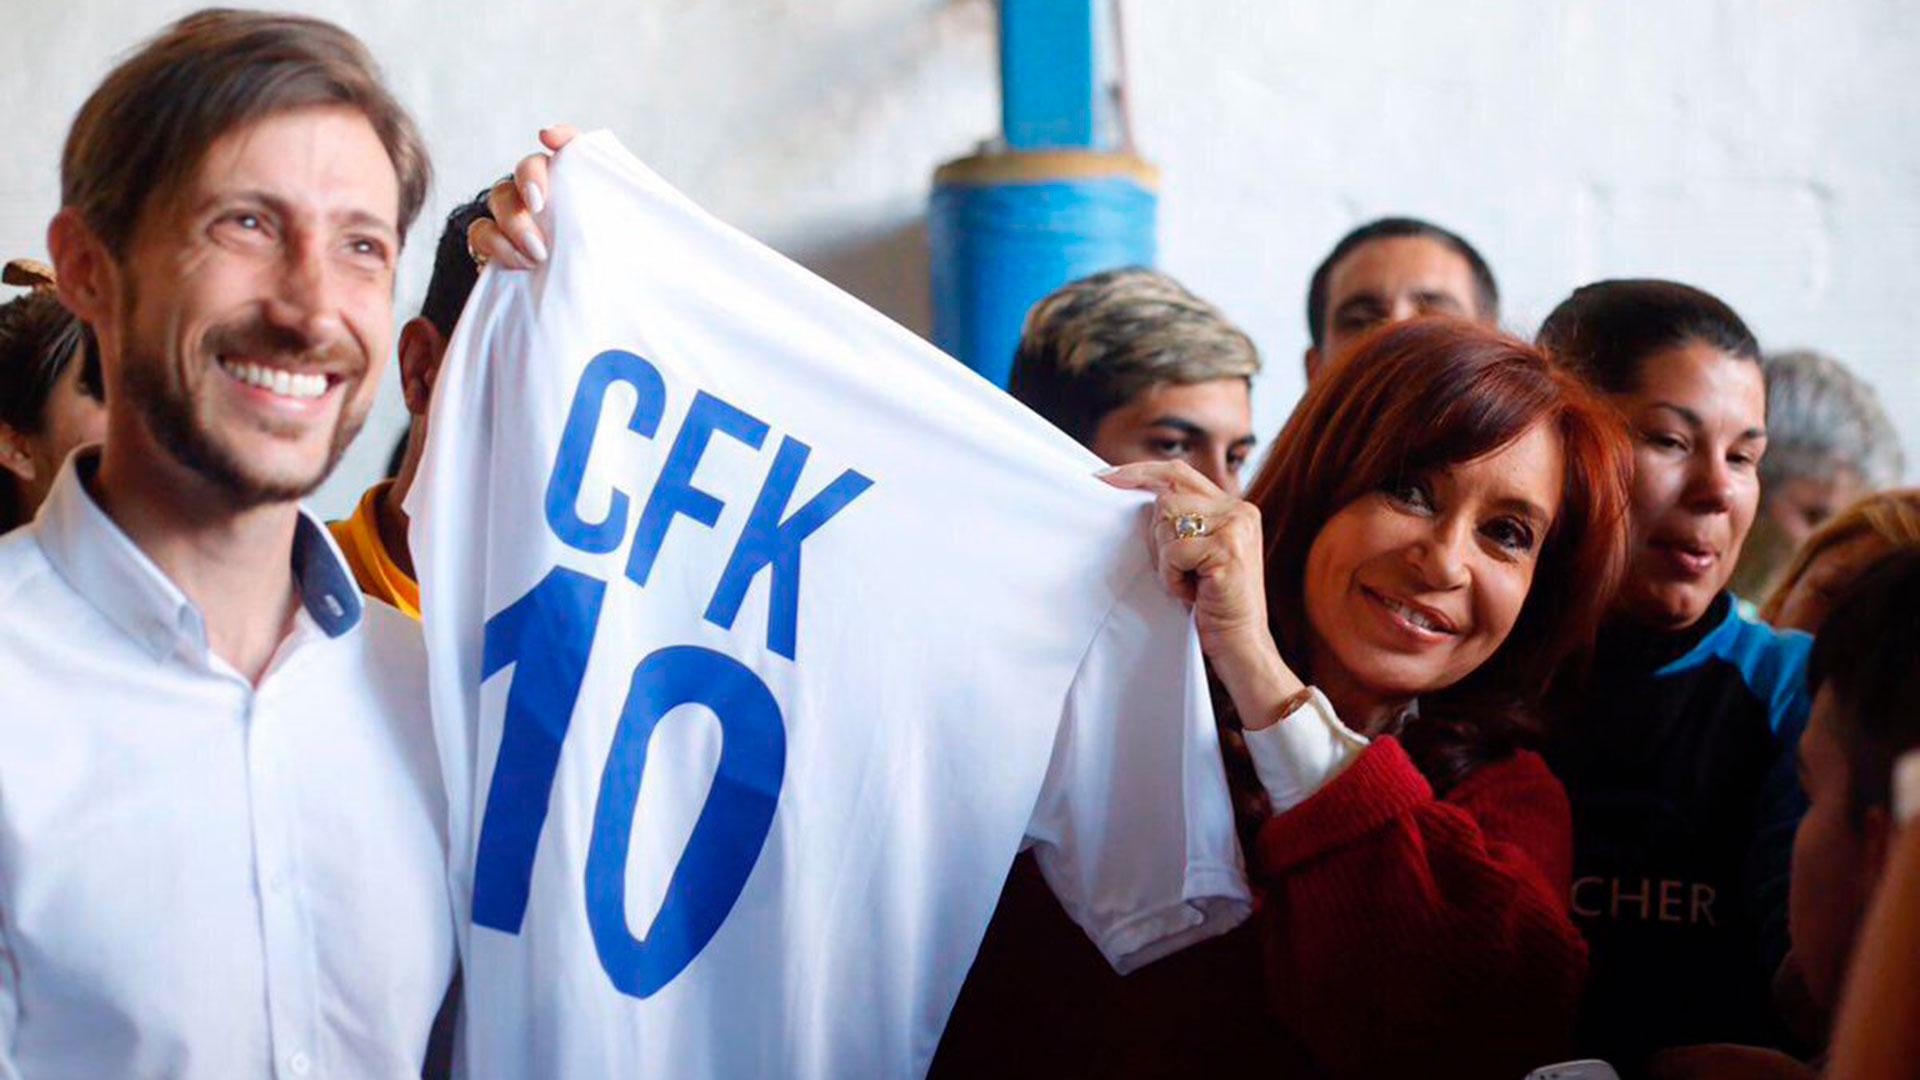 Crisktina junto al candidato a concejal de San Martín (Twitter: @hernanletcher)